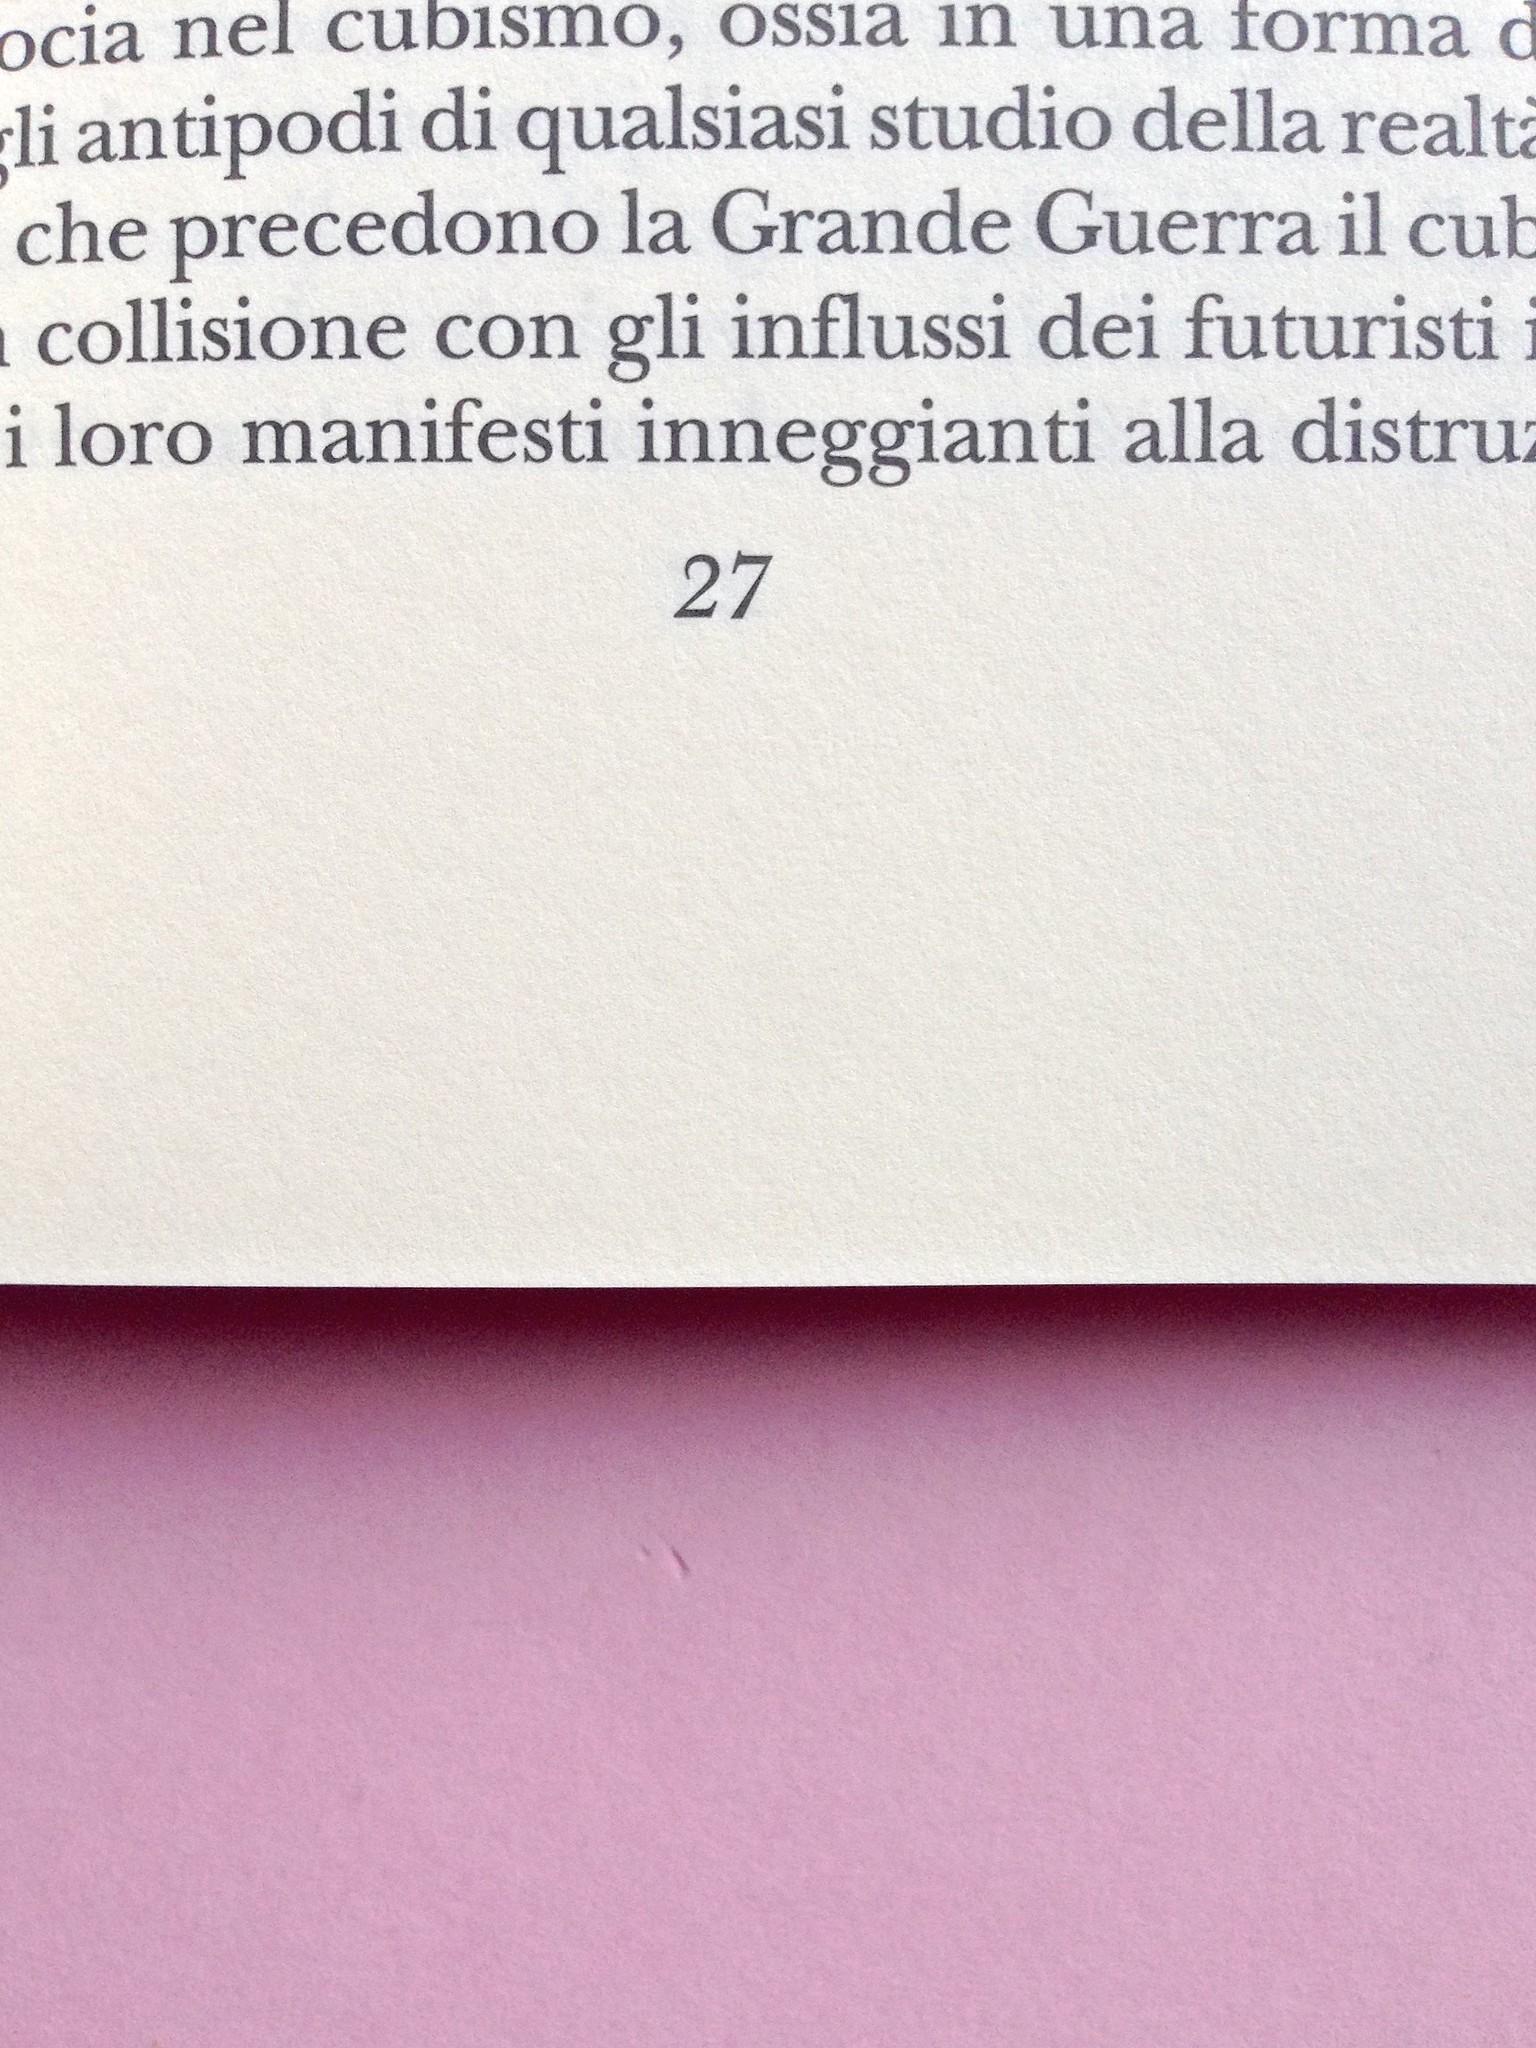 Proust a Grjazovec, di Józef Czapski. Adelphi 2015. Resp. grafica non indicata. Sistema della numerazione dele pagine, centrato, al piede della pagina, a pag. 27 (part.), 1